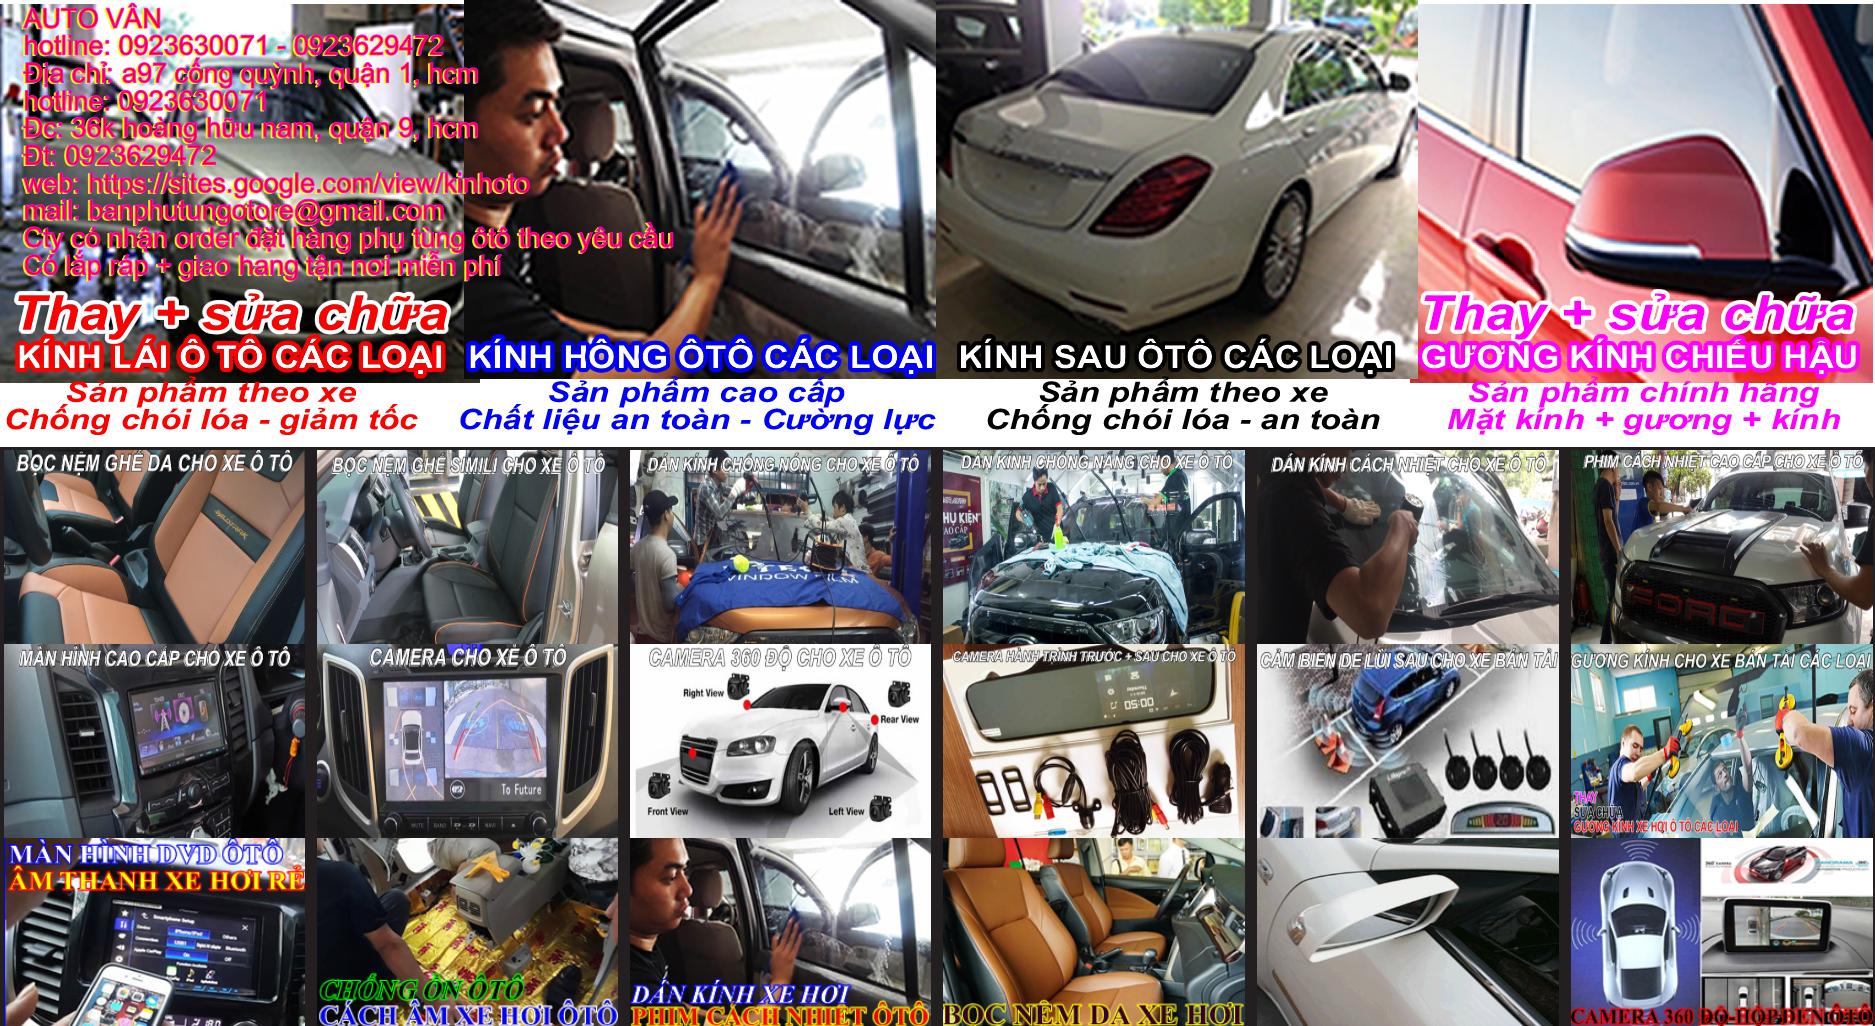 liên hệ guong kinh xe oto, guong kinh xe hoi, gương kính ô tô, gương kính ôtô, gương kính xe ô tô